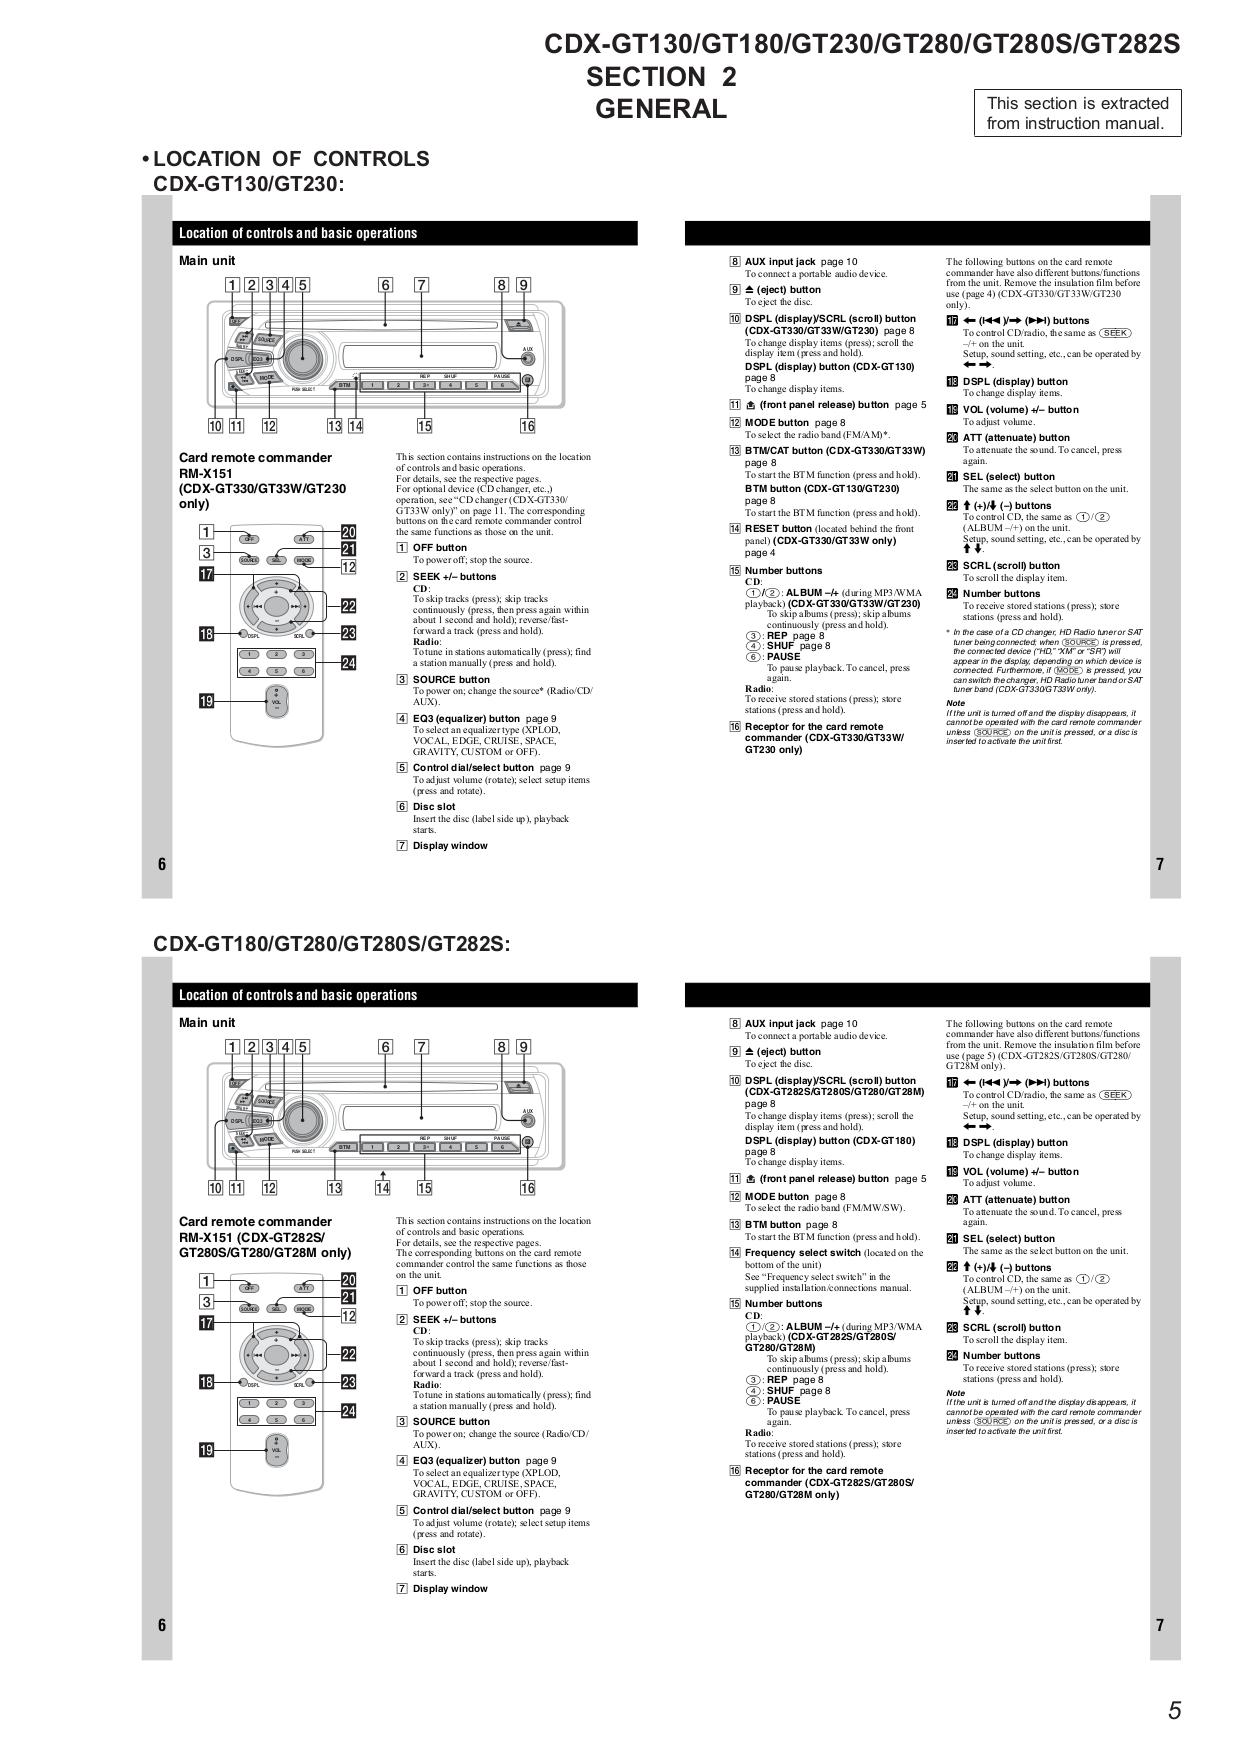 Sony Cdx-Gt09 Wiring Diagram from diagramweb.net